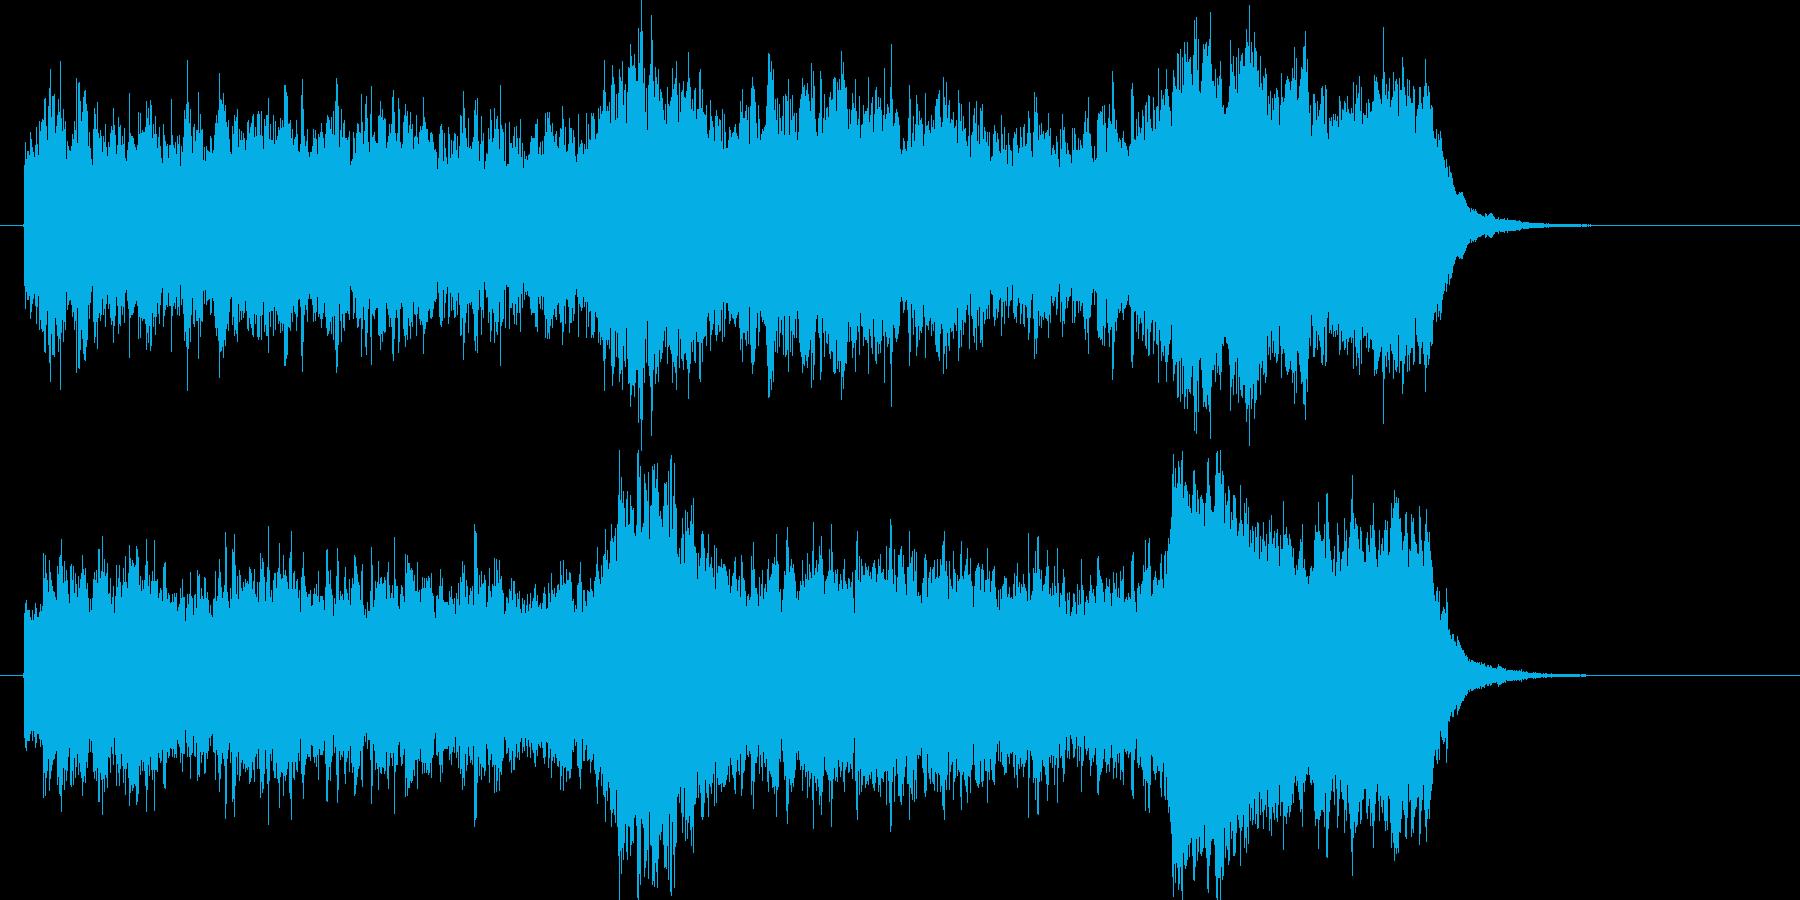 バグパイプ重厚オープニングサウンドの再生済みの波形